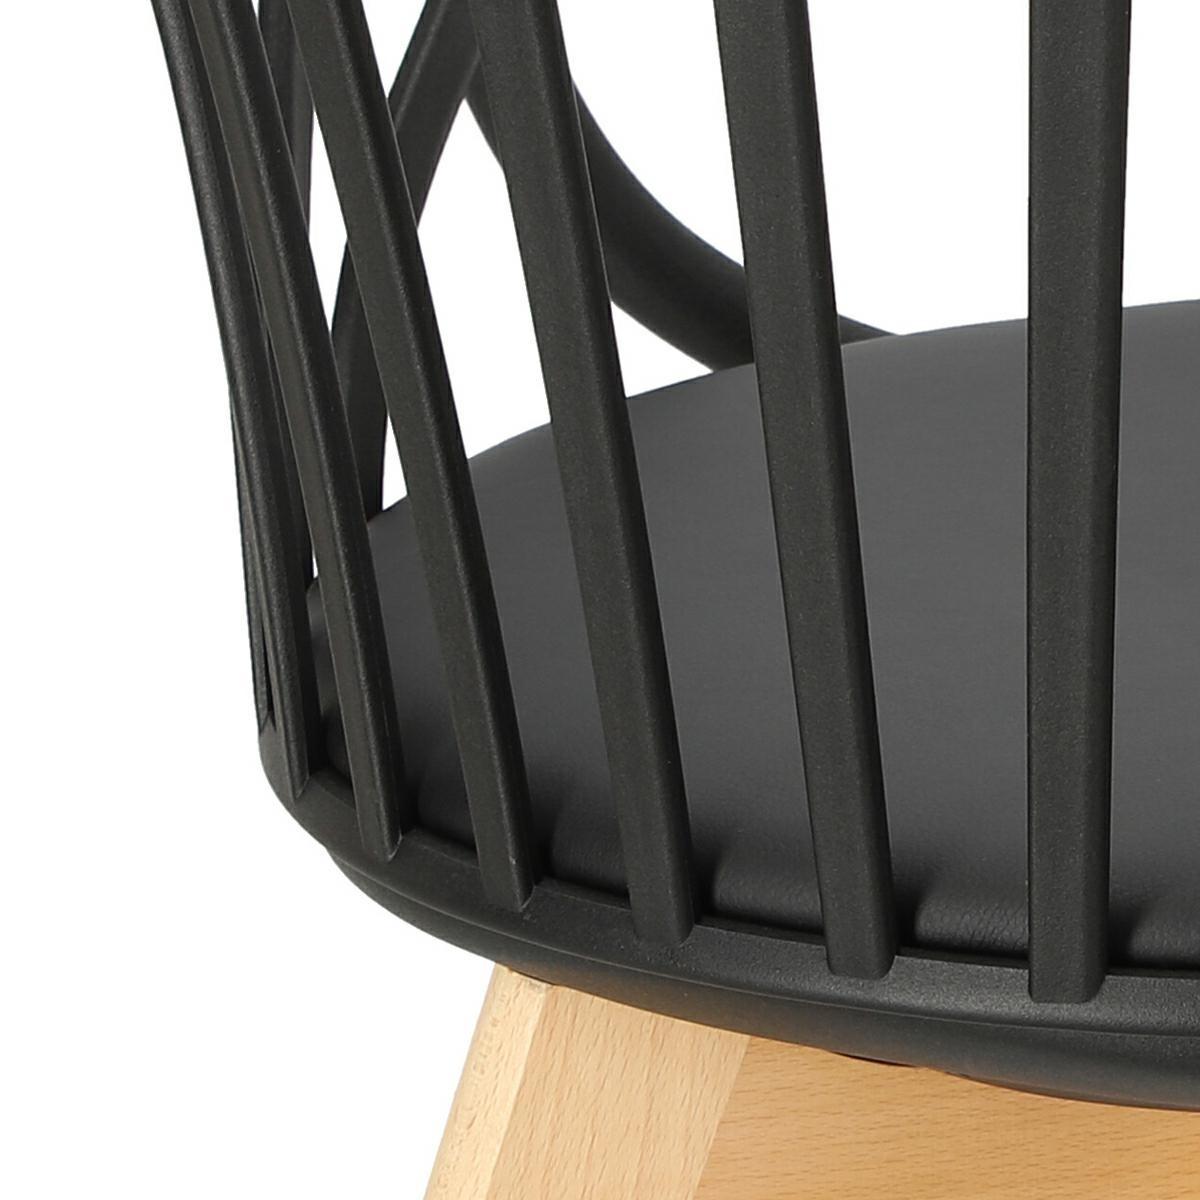 Krzesło Sirena z podłokietnikami czarne - zdjęcie nr 19